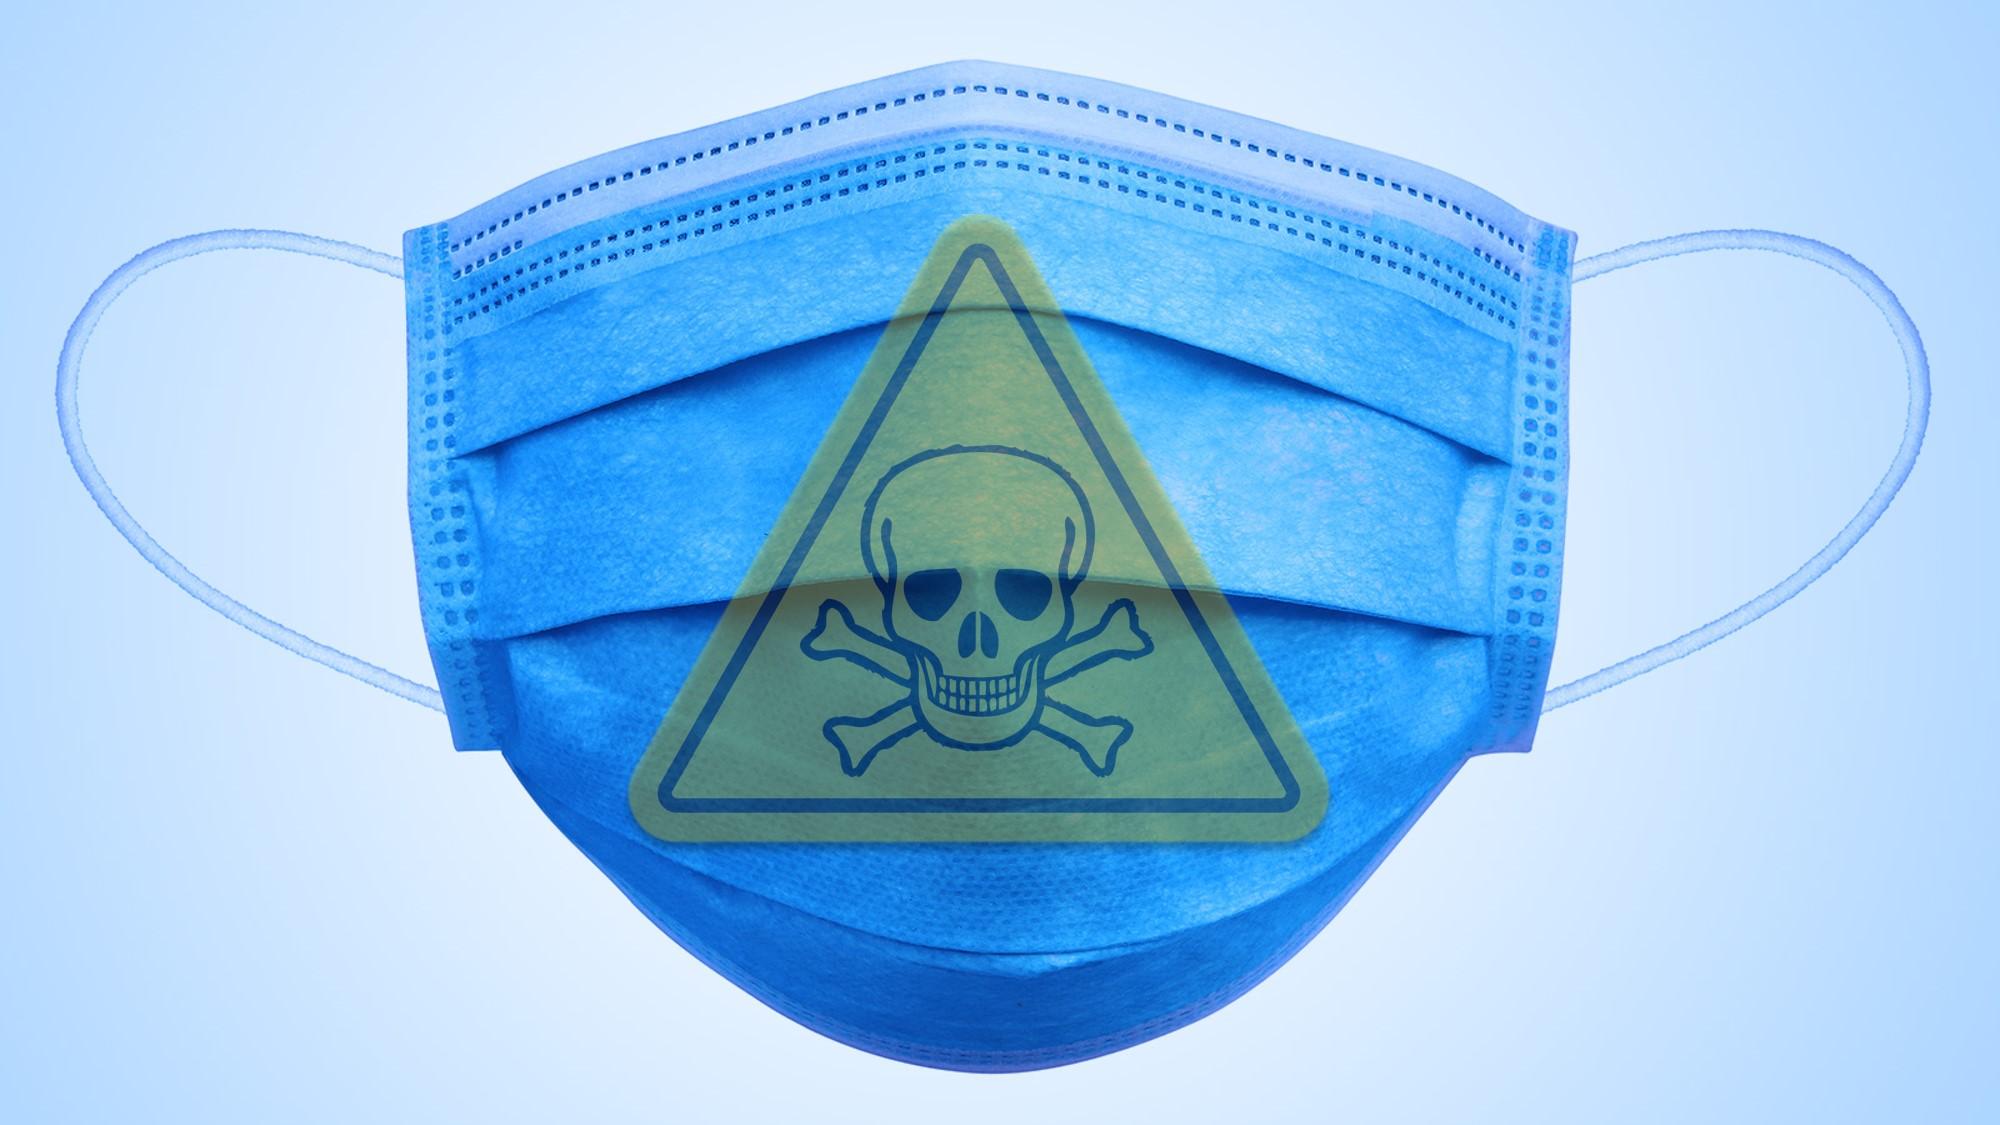 tipos de mascarillas-mascarillas quirurgicas-mascarillas higienicas-mascarillas de tela-mascarillas FFP2-mascarillas FFP3-eficacia de filtrado-aerosoles-bozales-propagacion del virus-aerosoles-N95-NK95-mascara no protege-barbijo no protege-bulos sobre las mascarillas